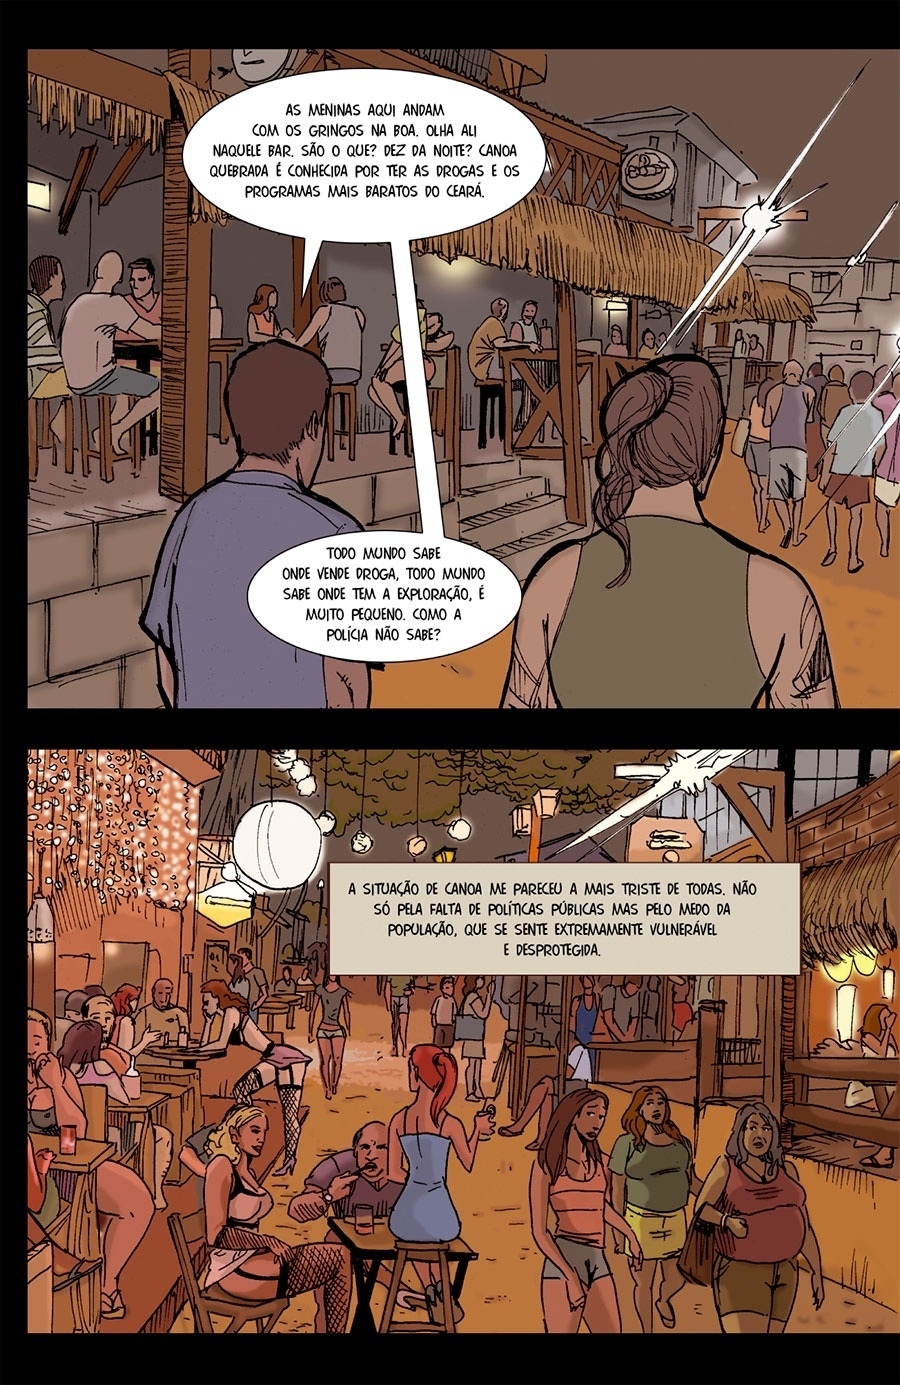 Capítulo 5: Quase nada é feito para poder diminuir os casos e meninas andam com estrangeiros sem problemas na noite da cidade.